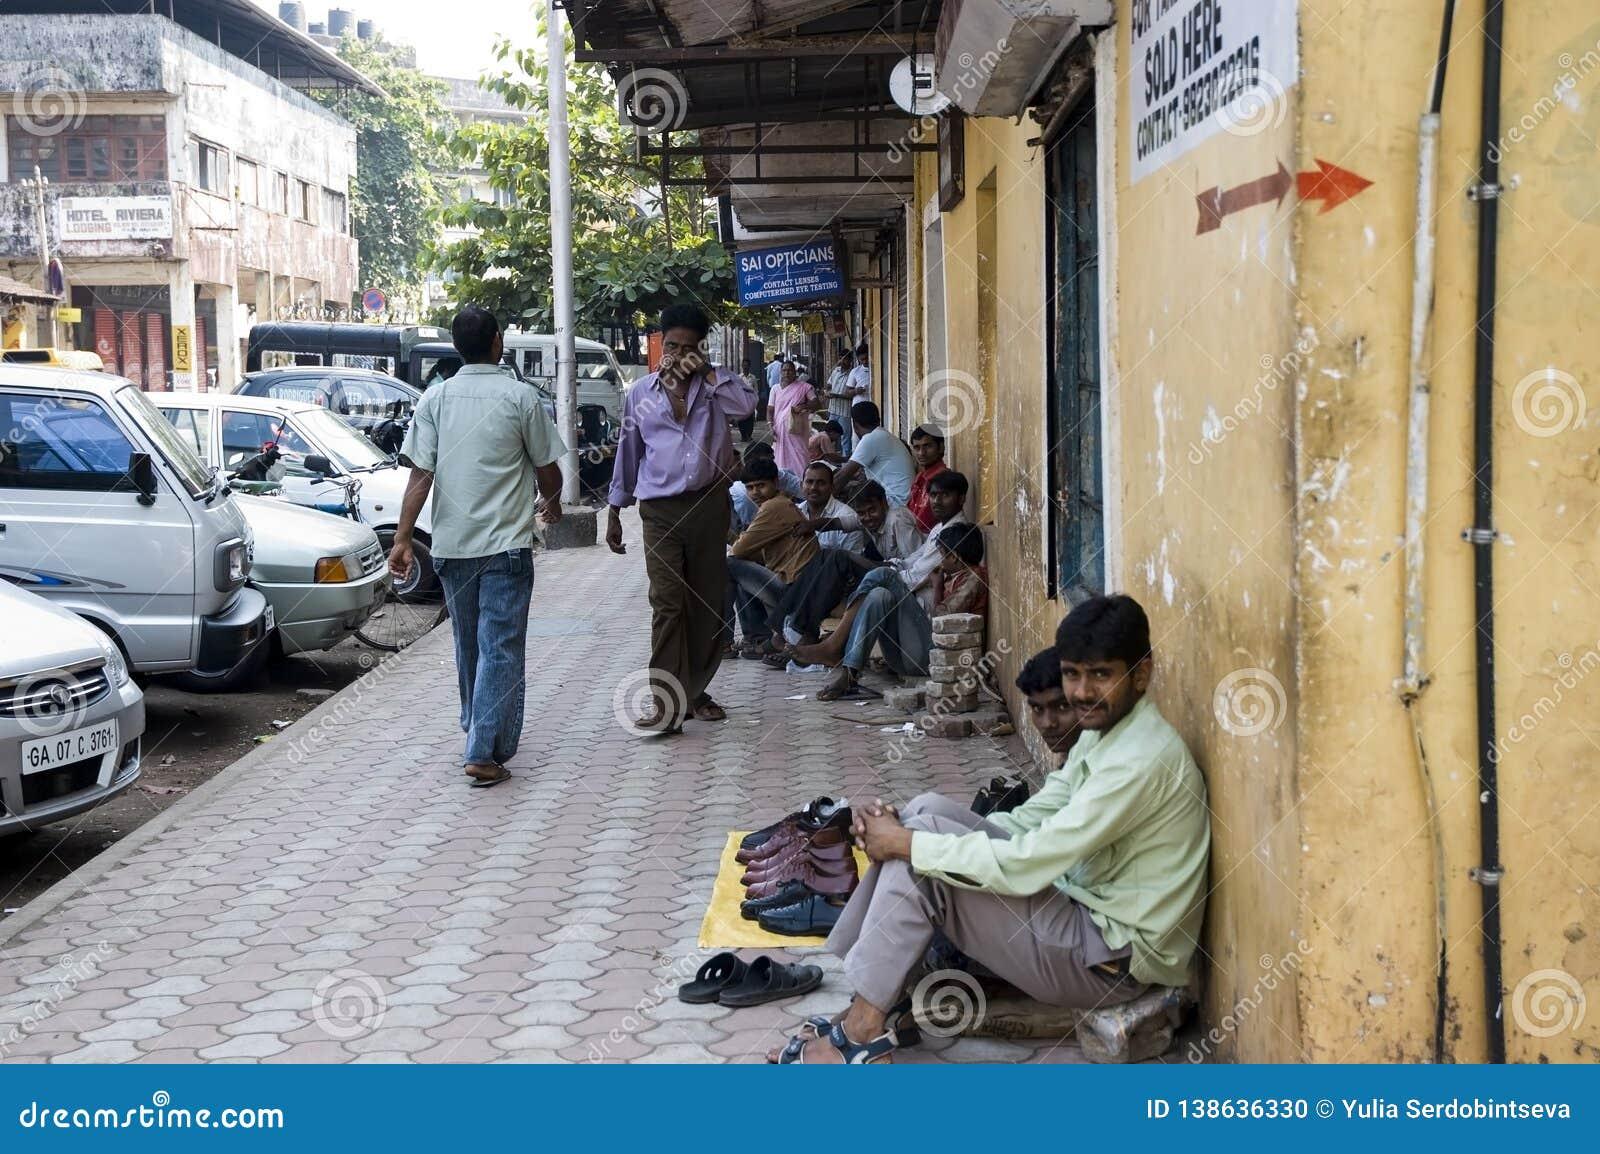 Molti indigenti indiani si siedono sul marciapiede vicino alla strada e vendono qualcosa L India, Goa- 29 gennaio 2009